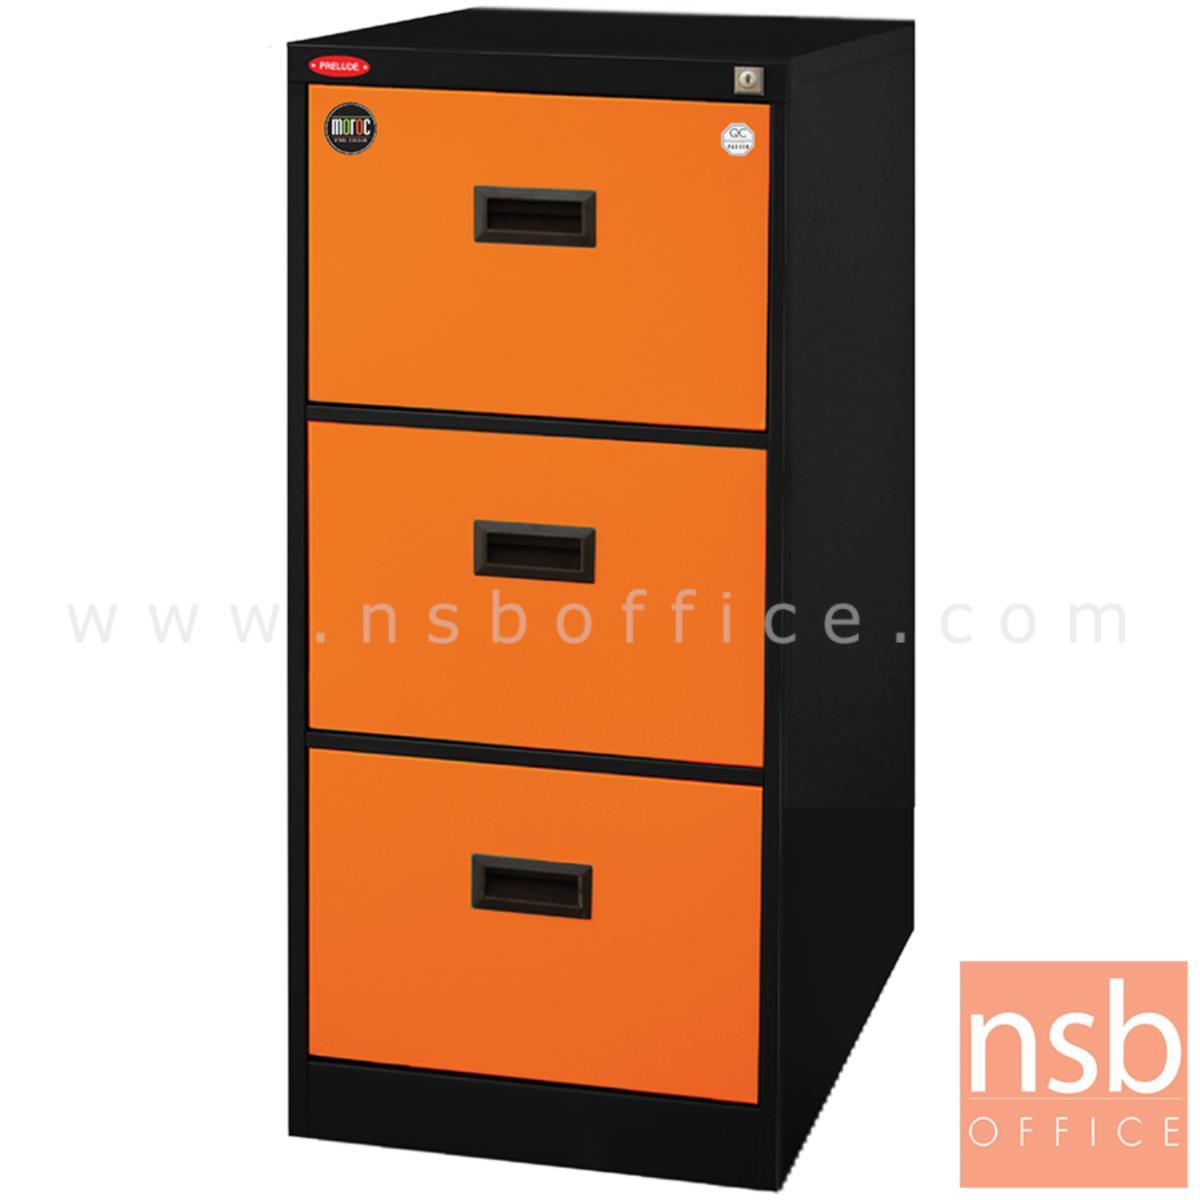 E04A046:ตู้เหล็กเก็บเอกสารแฟ้มแขวน หน้าบานสีสันโครงตู้สีดำ รุ่น Camuto (คามูโต้) ขนาด 3 และ 4 ลิ้นชัก